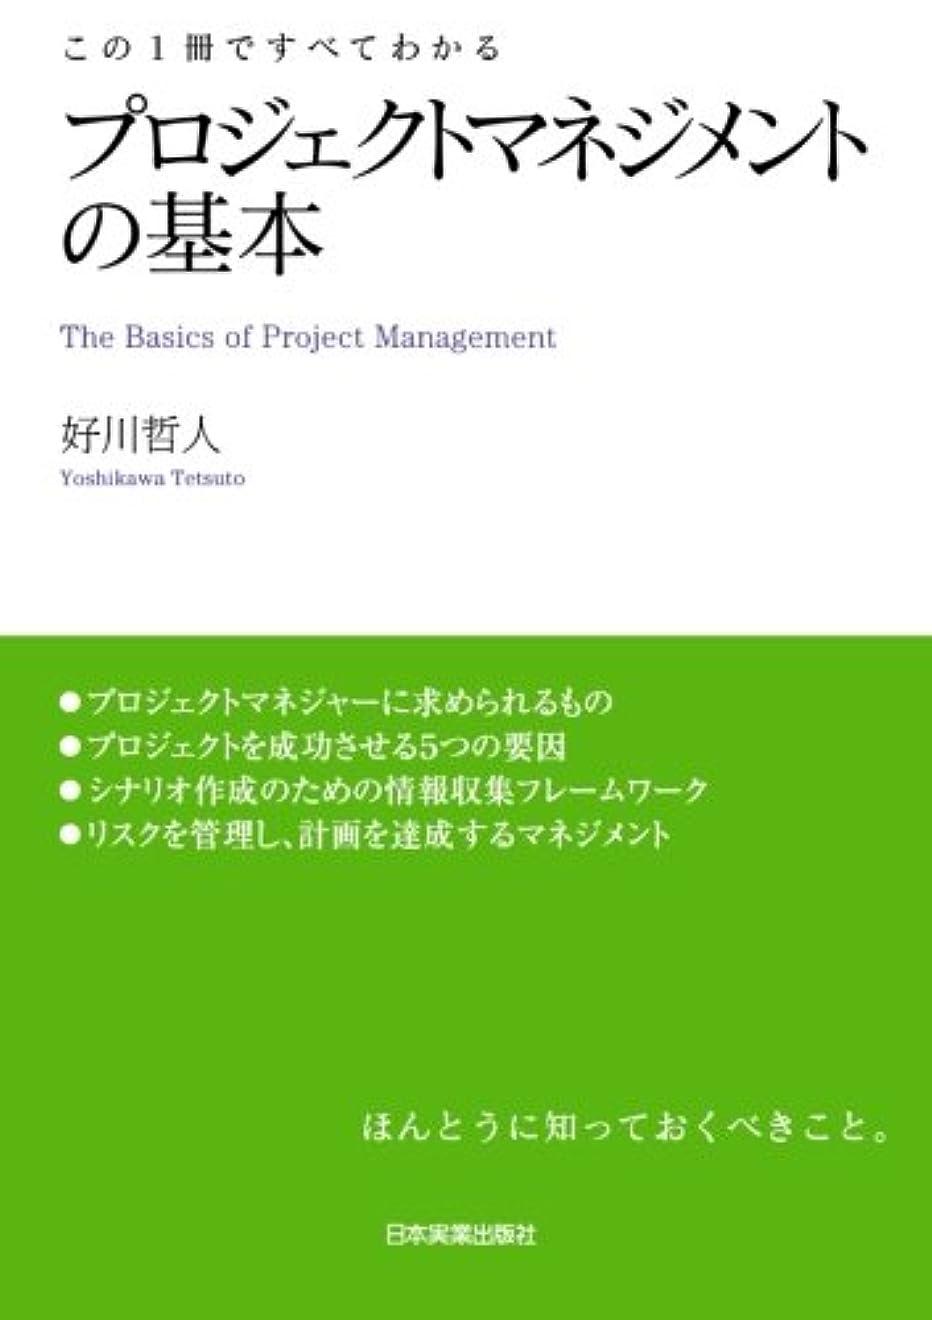 動かない貧困舌なプロジェクトマネジメントの基本